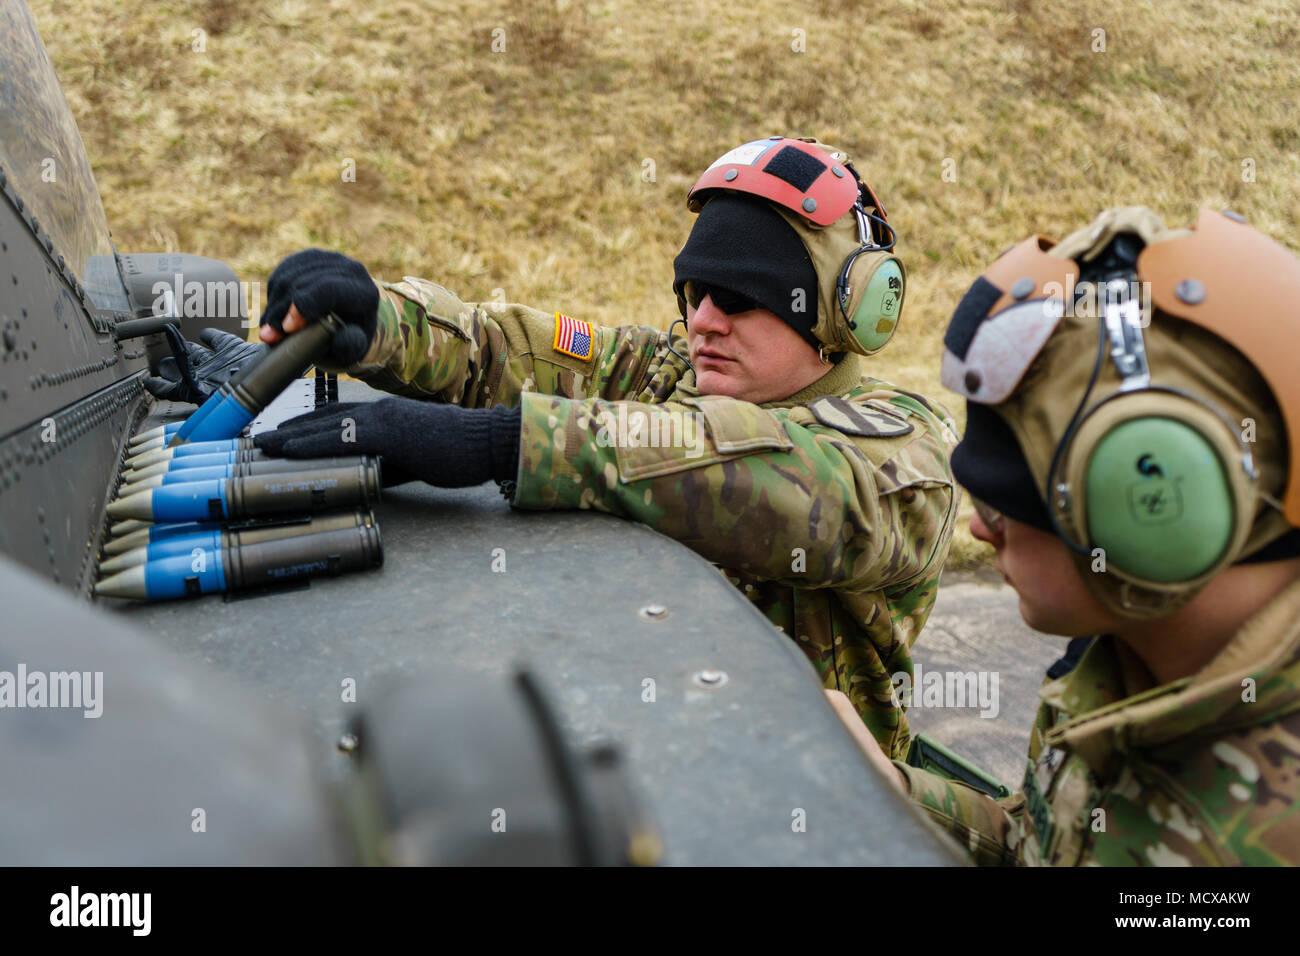 an ah 64 apache armament stock photos an ah 64 apache armament rh alamy com Army Gunnery Training us army aerial gunnery manual